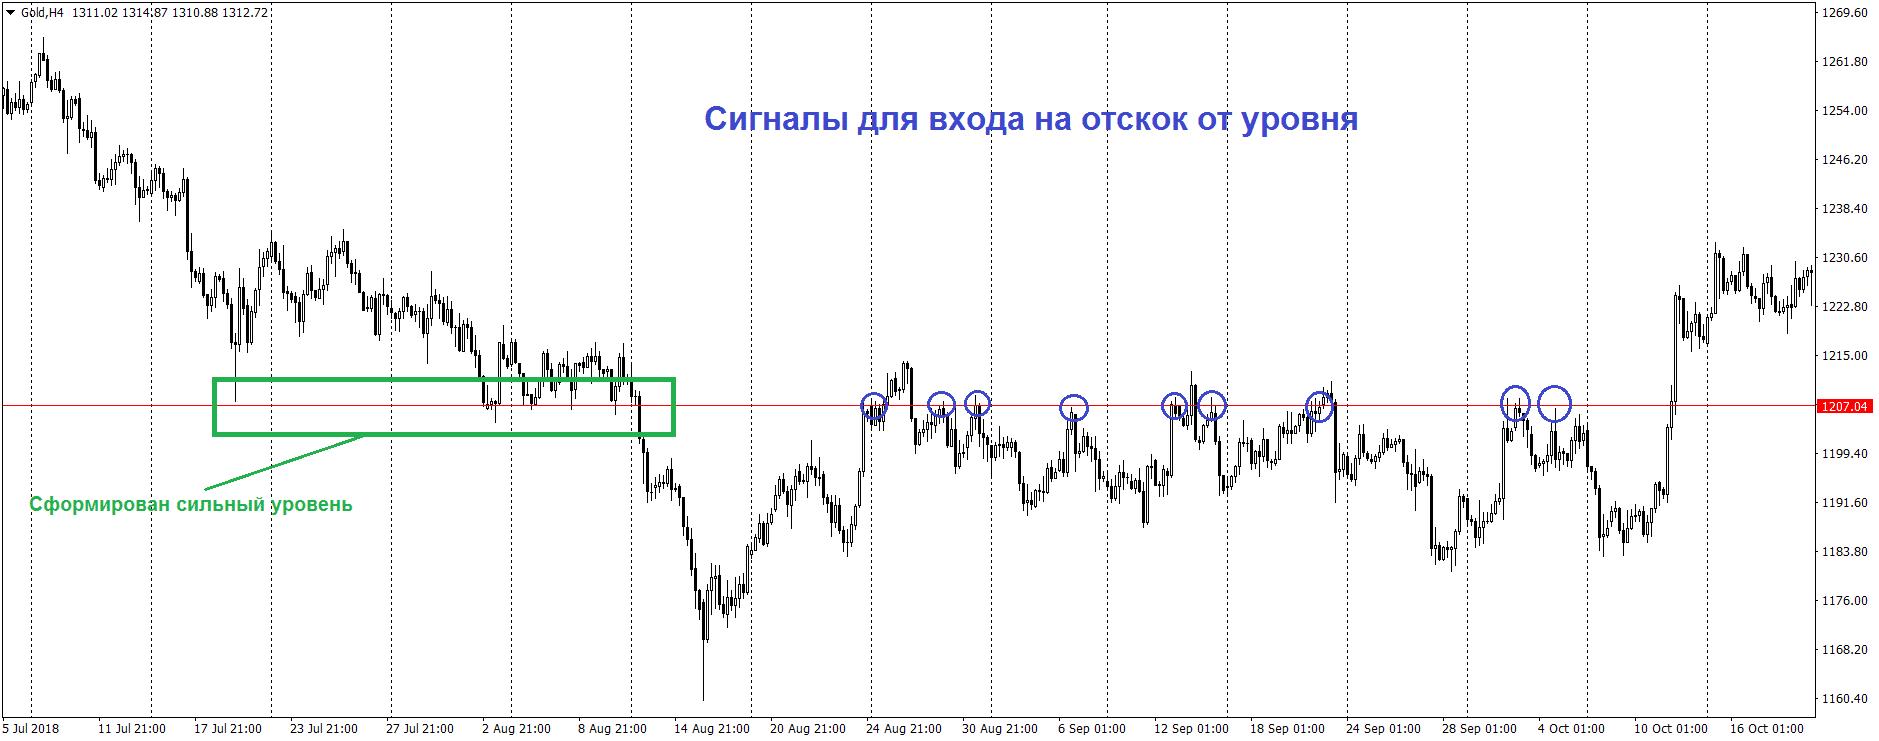 Примеры сигналов для входа на отскок от уровня